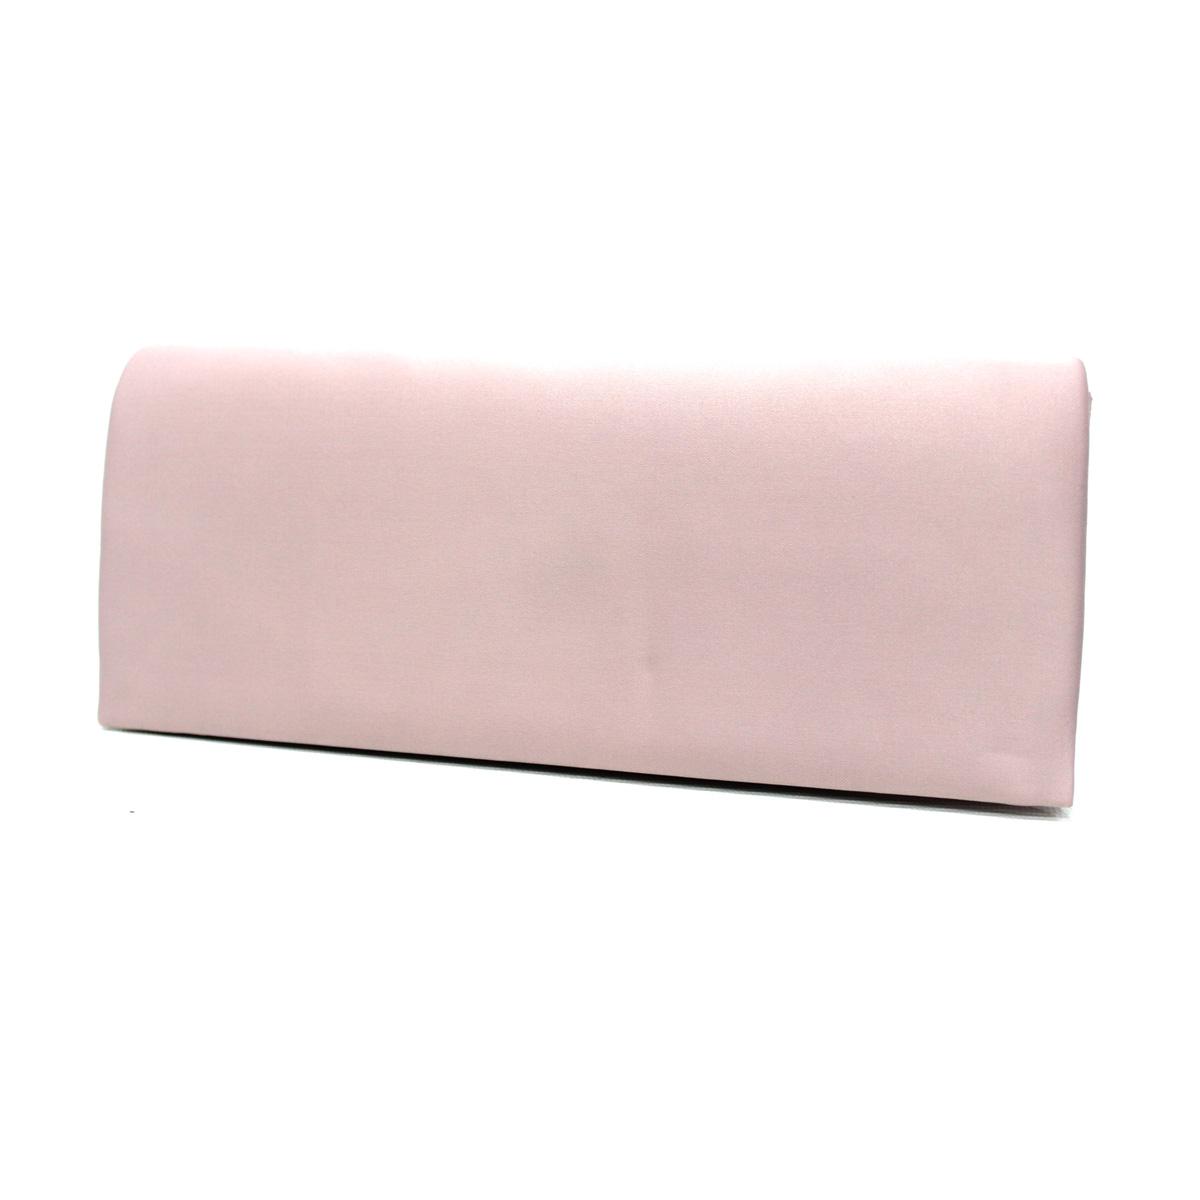 nuovi arrivi bc4ec a2065 Borsetta donna pochette clutch borsa da sera a mano in raso con pattina  38354